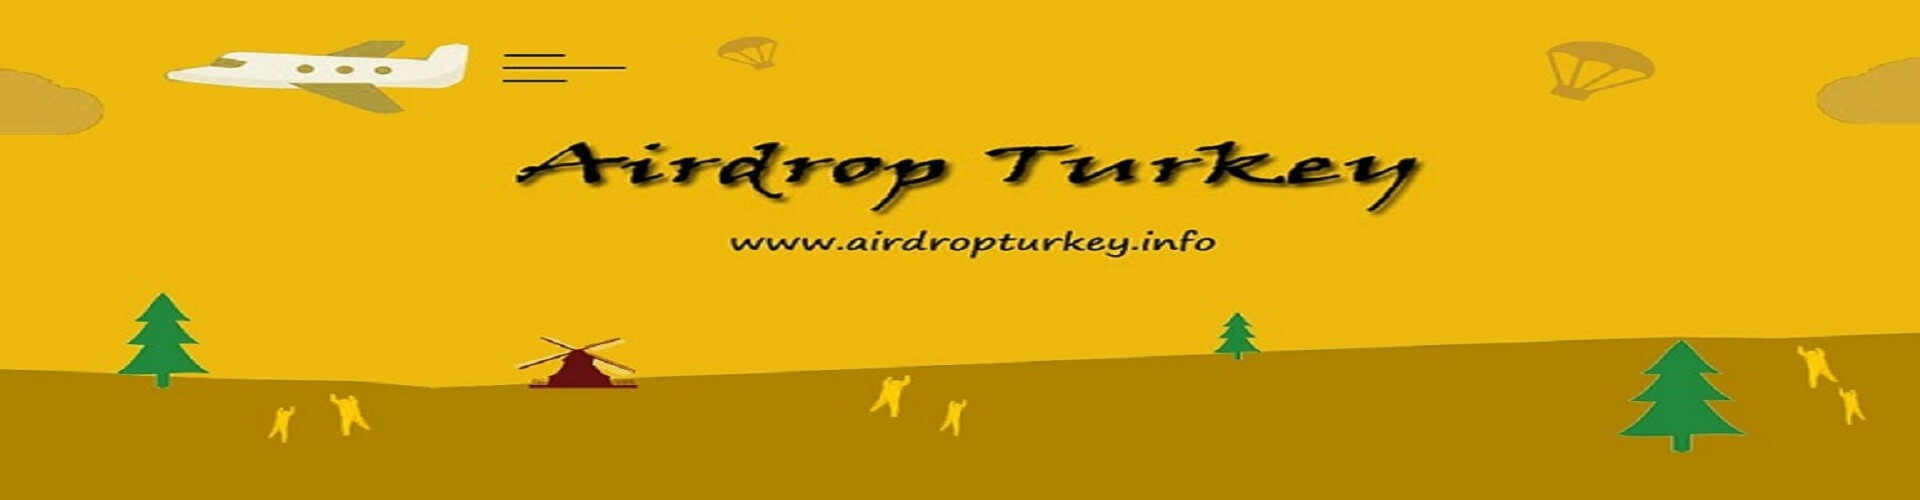 AirdropTurkey.info